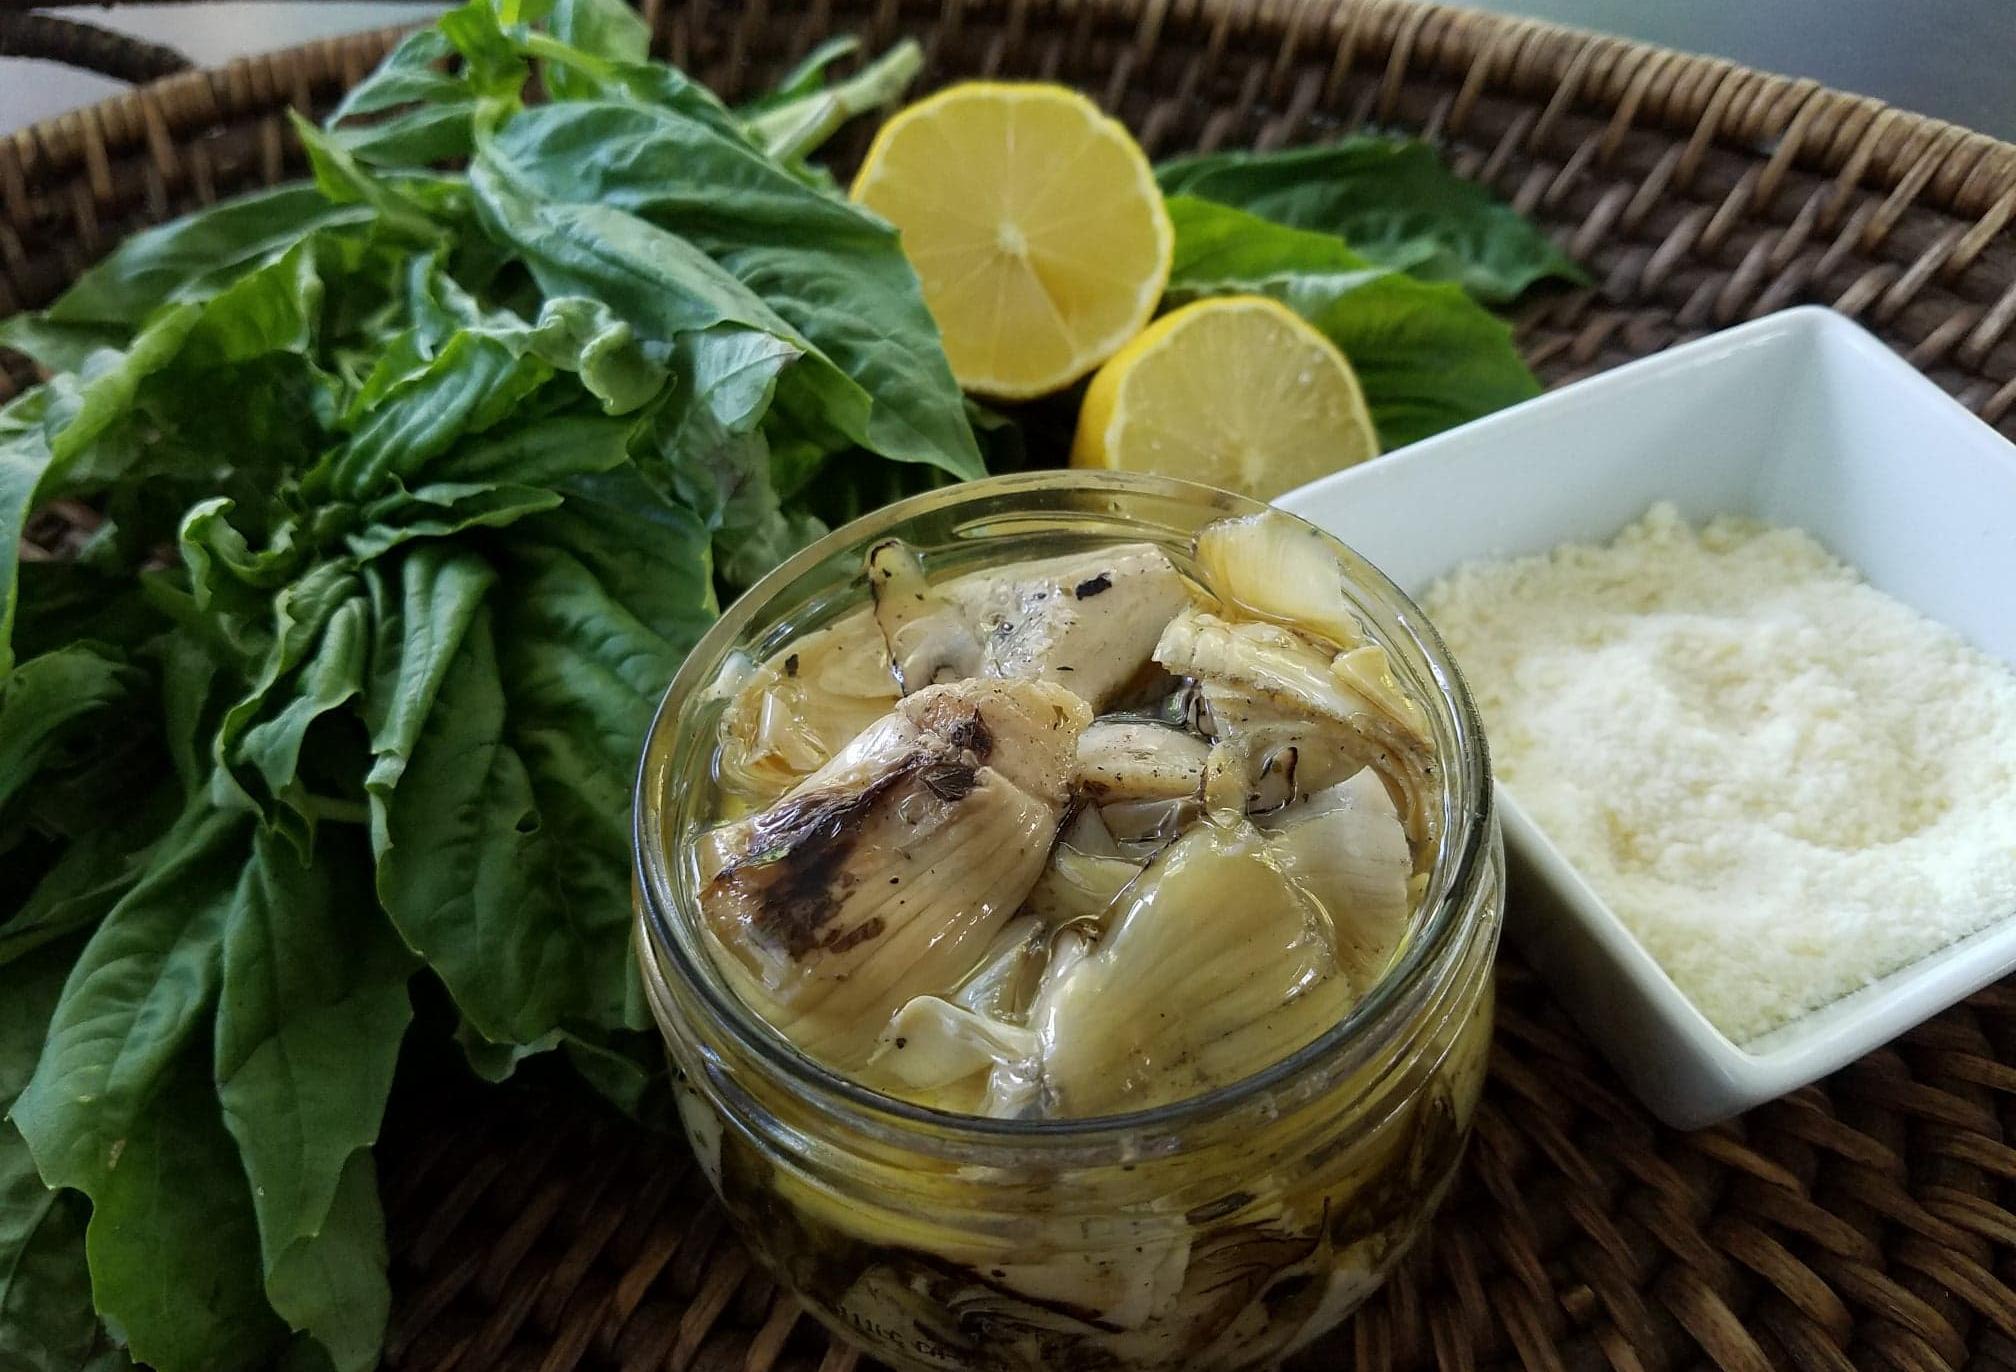 basil, lemon, artichoke hearts